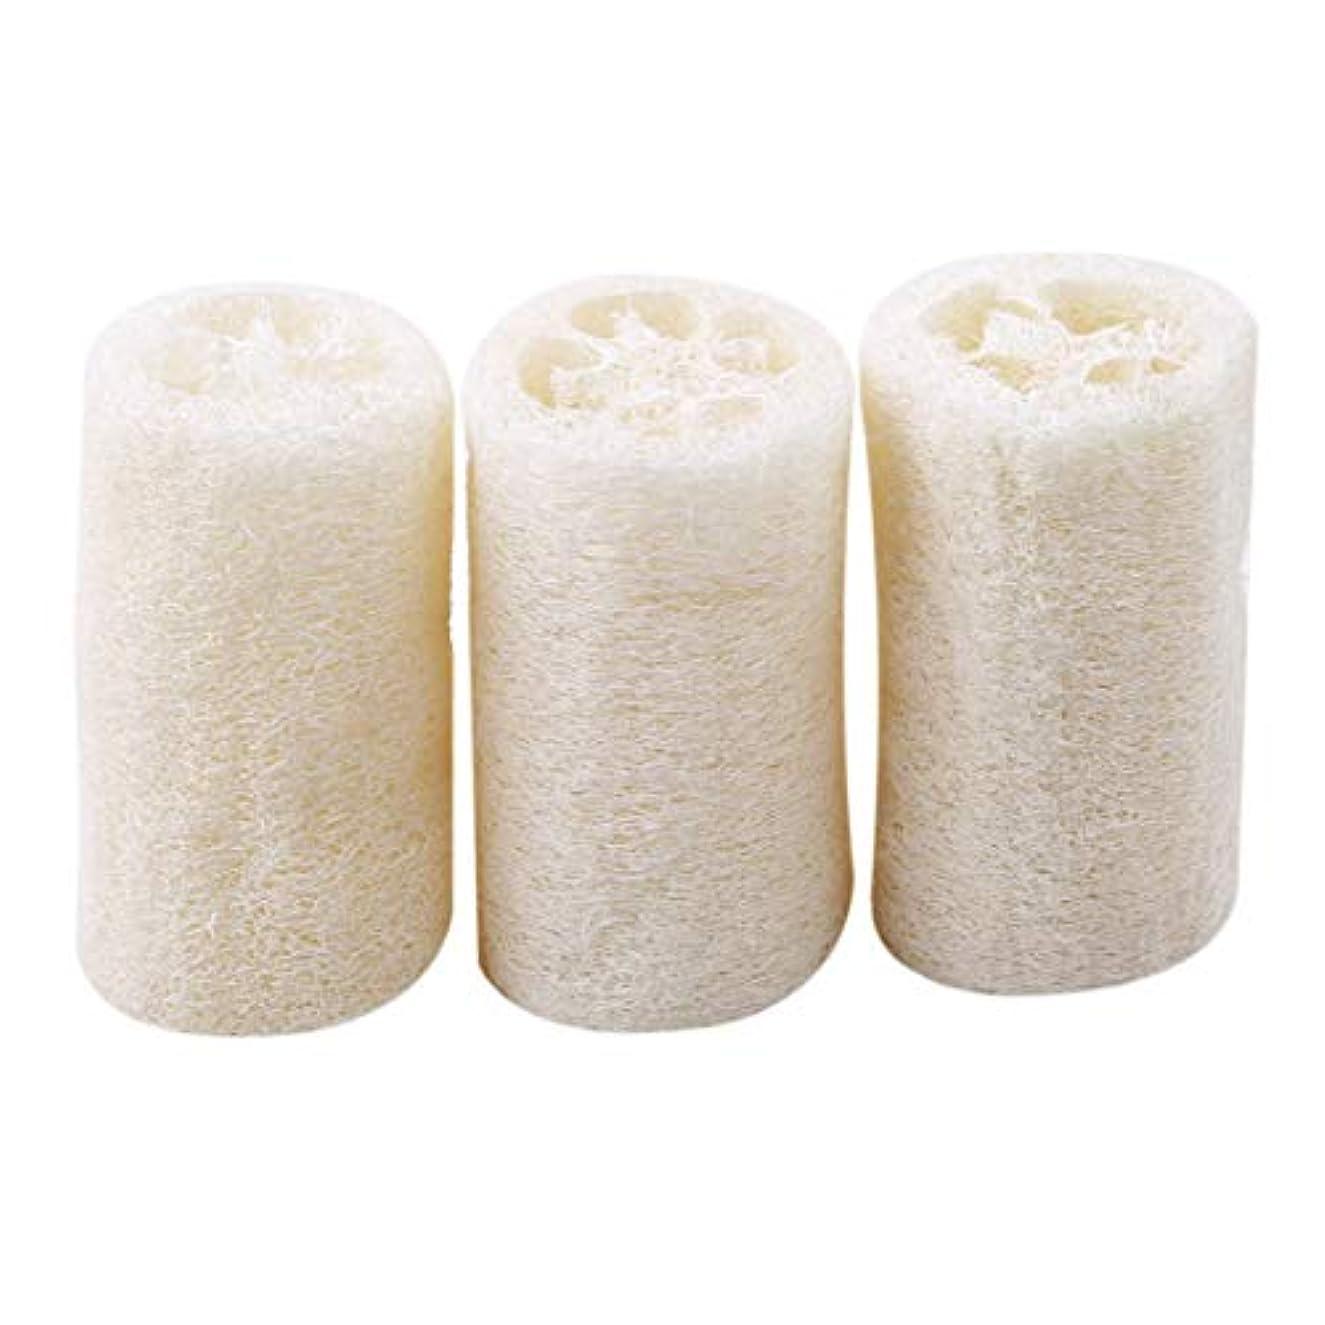 柱スキル日焼けOnior 耐久性 ボディースポンジ へちま お風呂 清掃 洗浄作業 3個セット